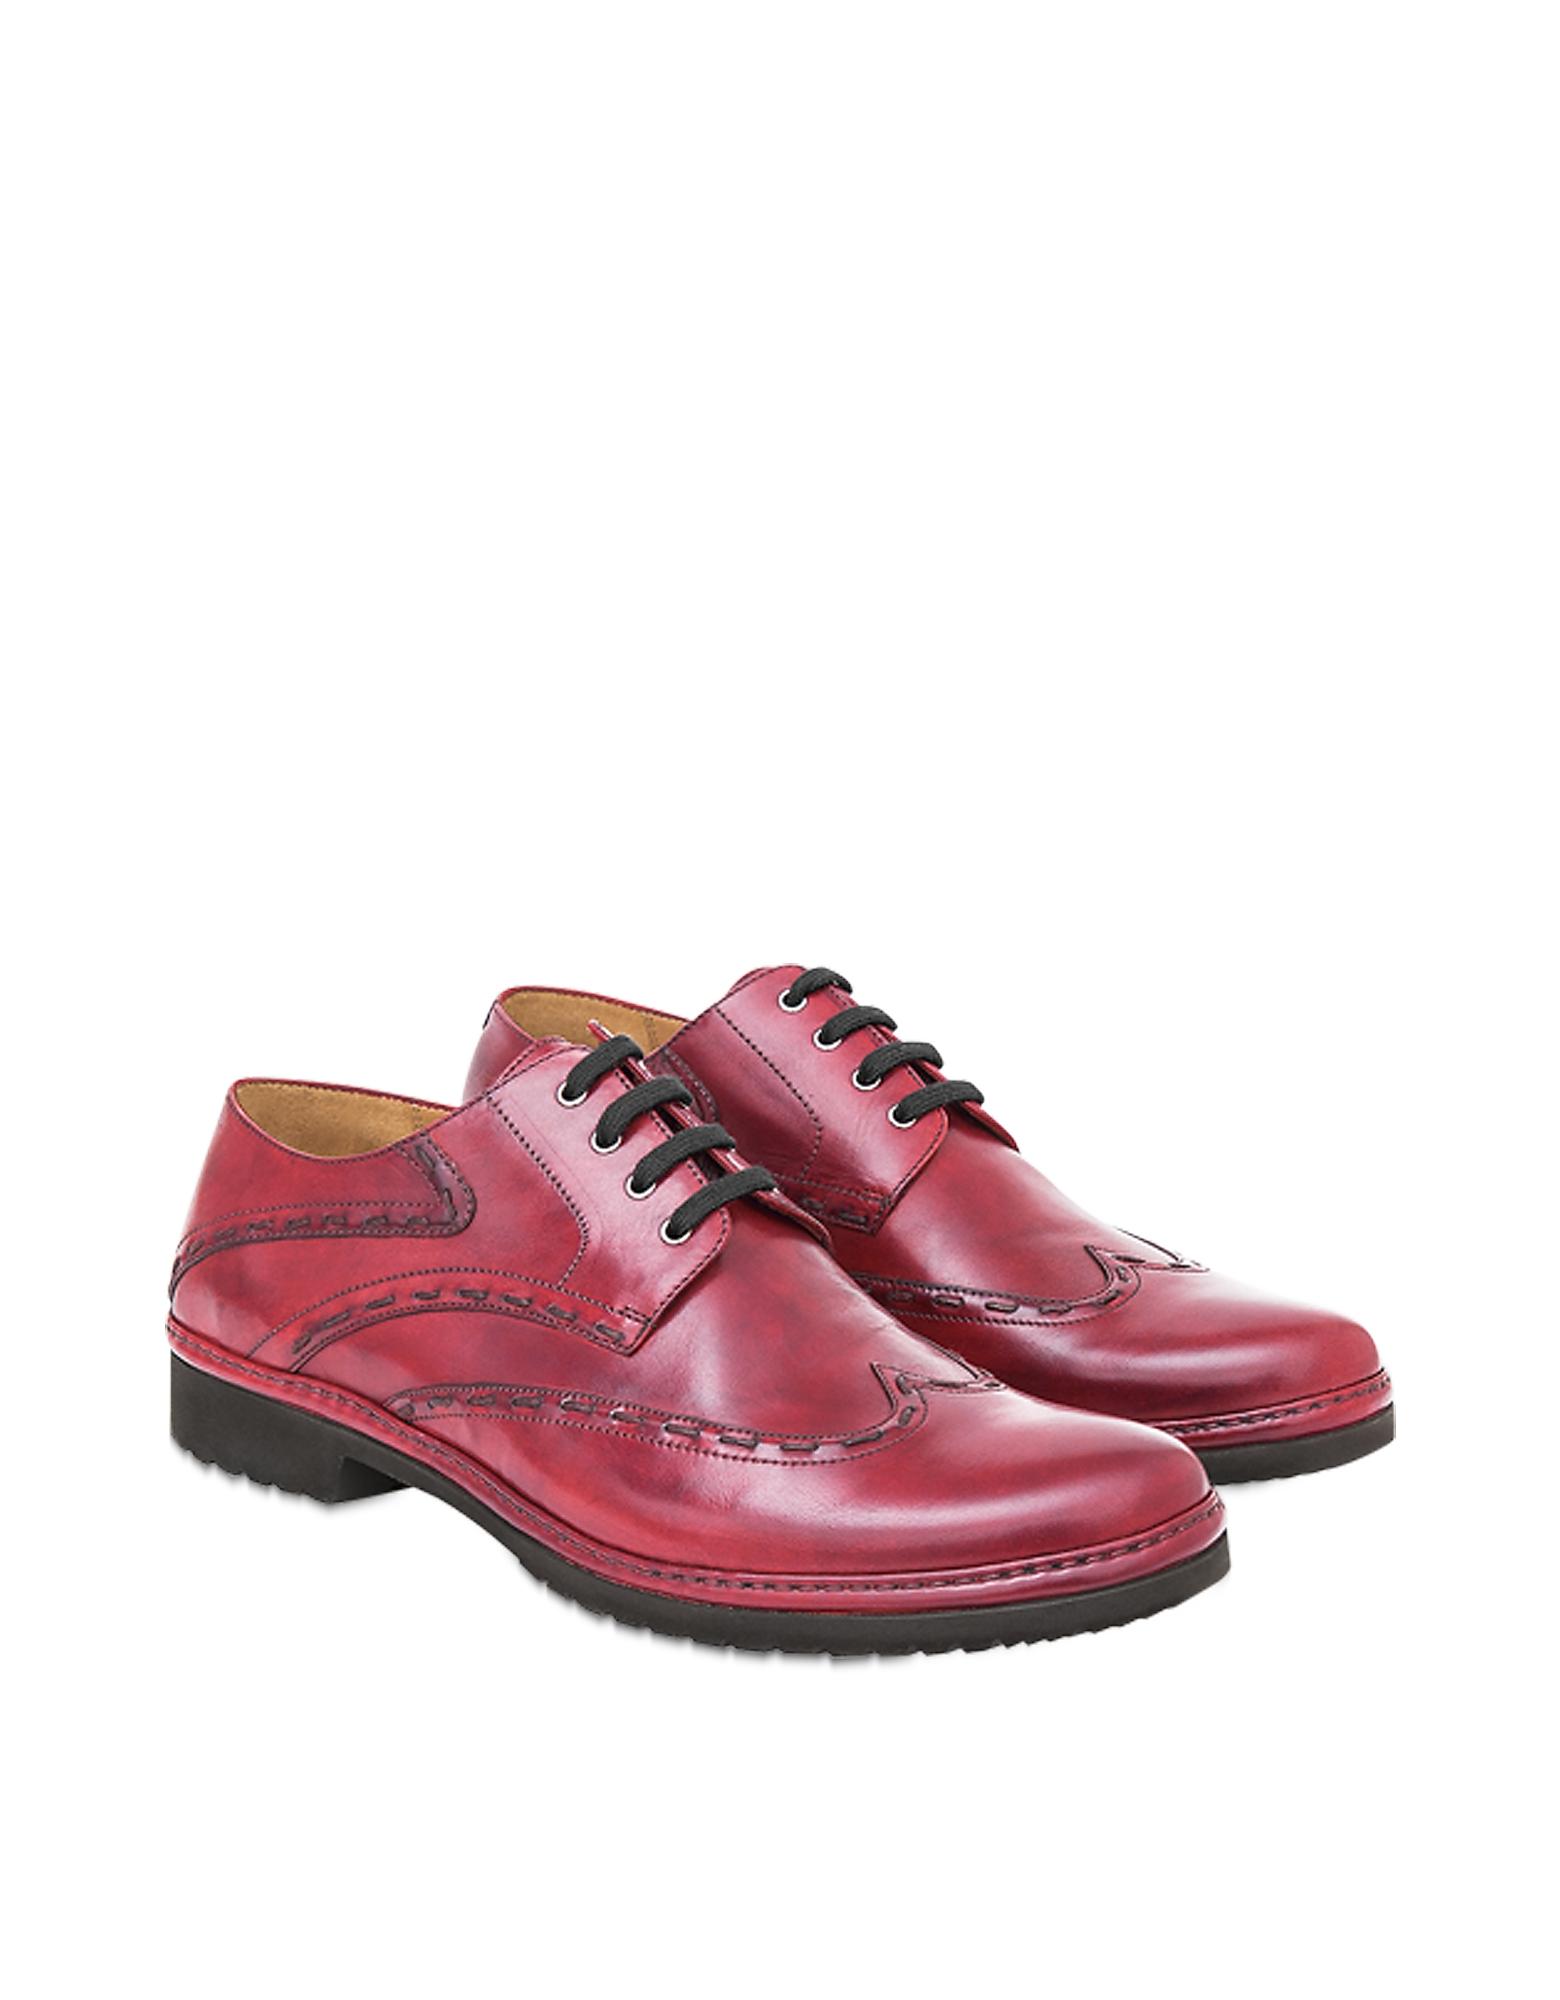 Pakerson Designer Shoes, Burgundy Cortona Derby Shoes